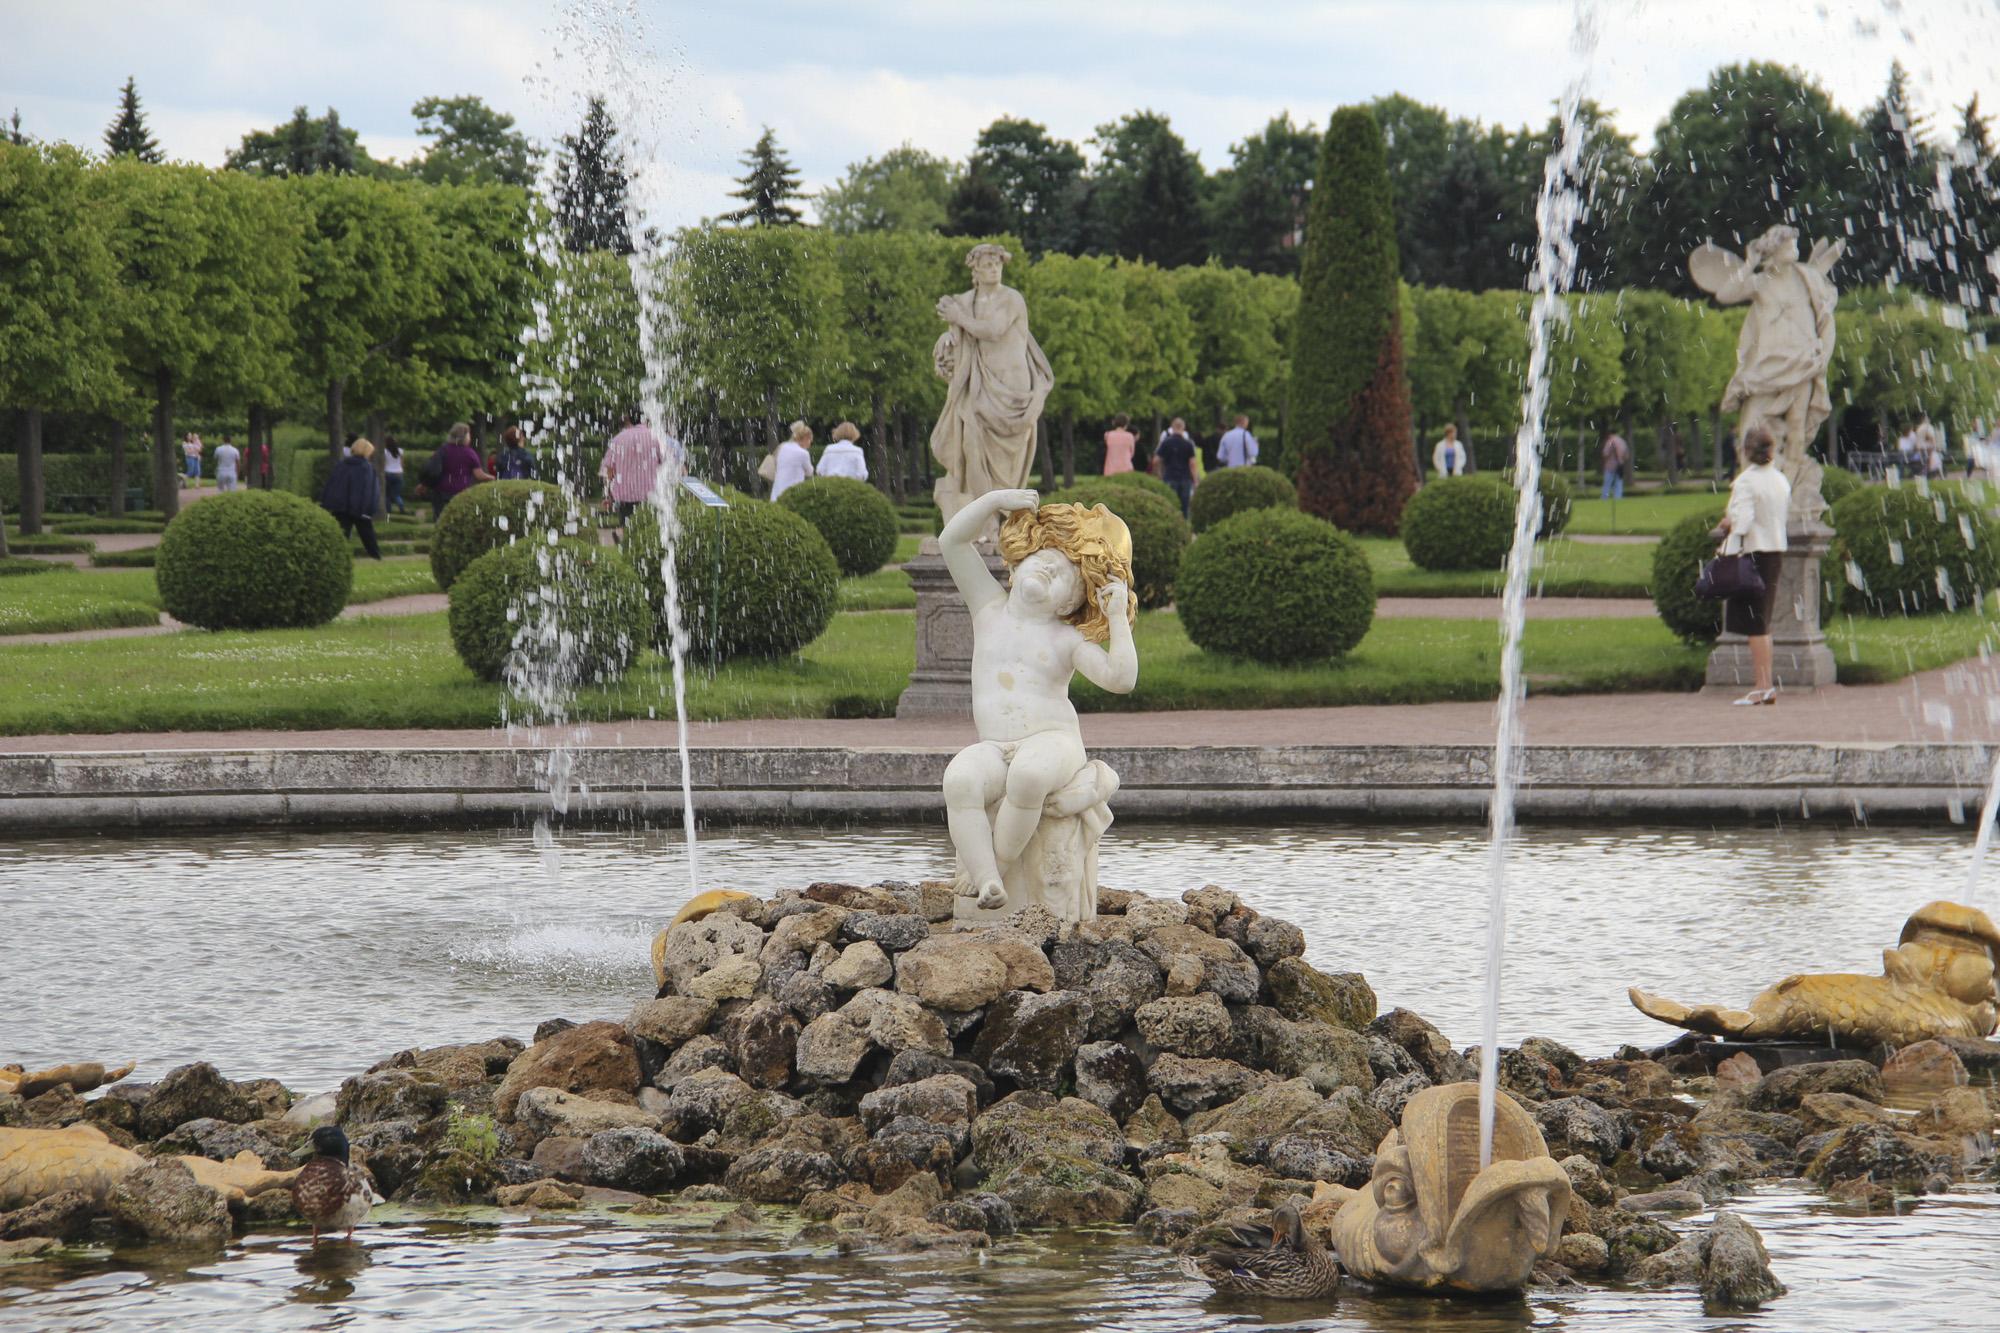 Foto Sankt Petersburg jungen Russland Springbrunnen fountain Oak, Peterhof Park Steine Sitzend Städte Skulpturen Junge Parks Stein sitzt sitzen